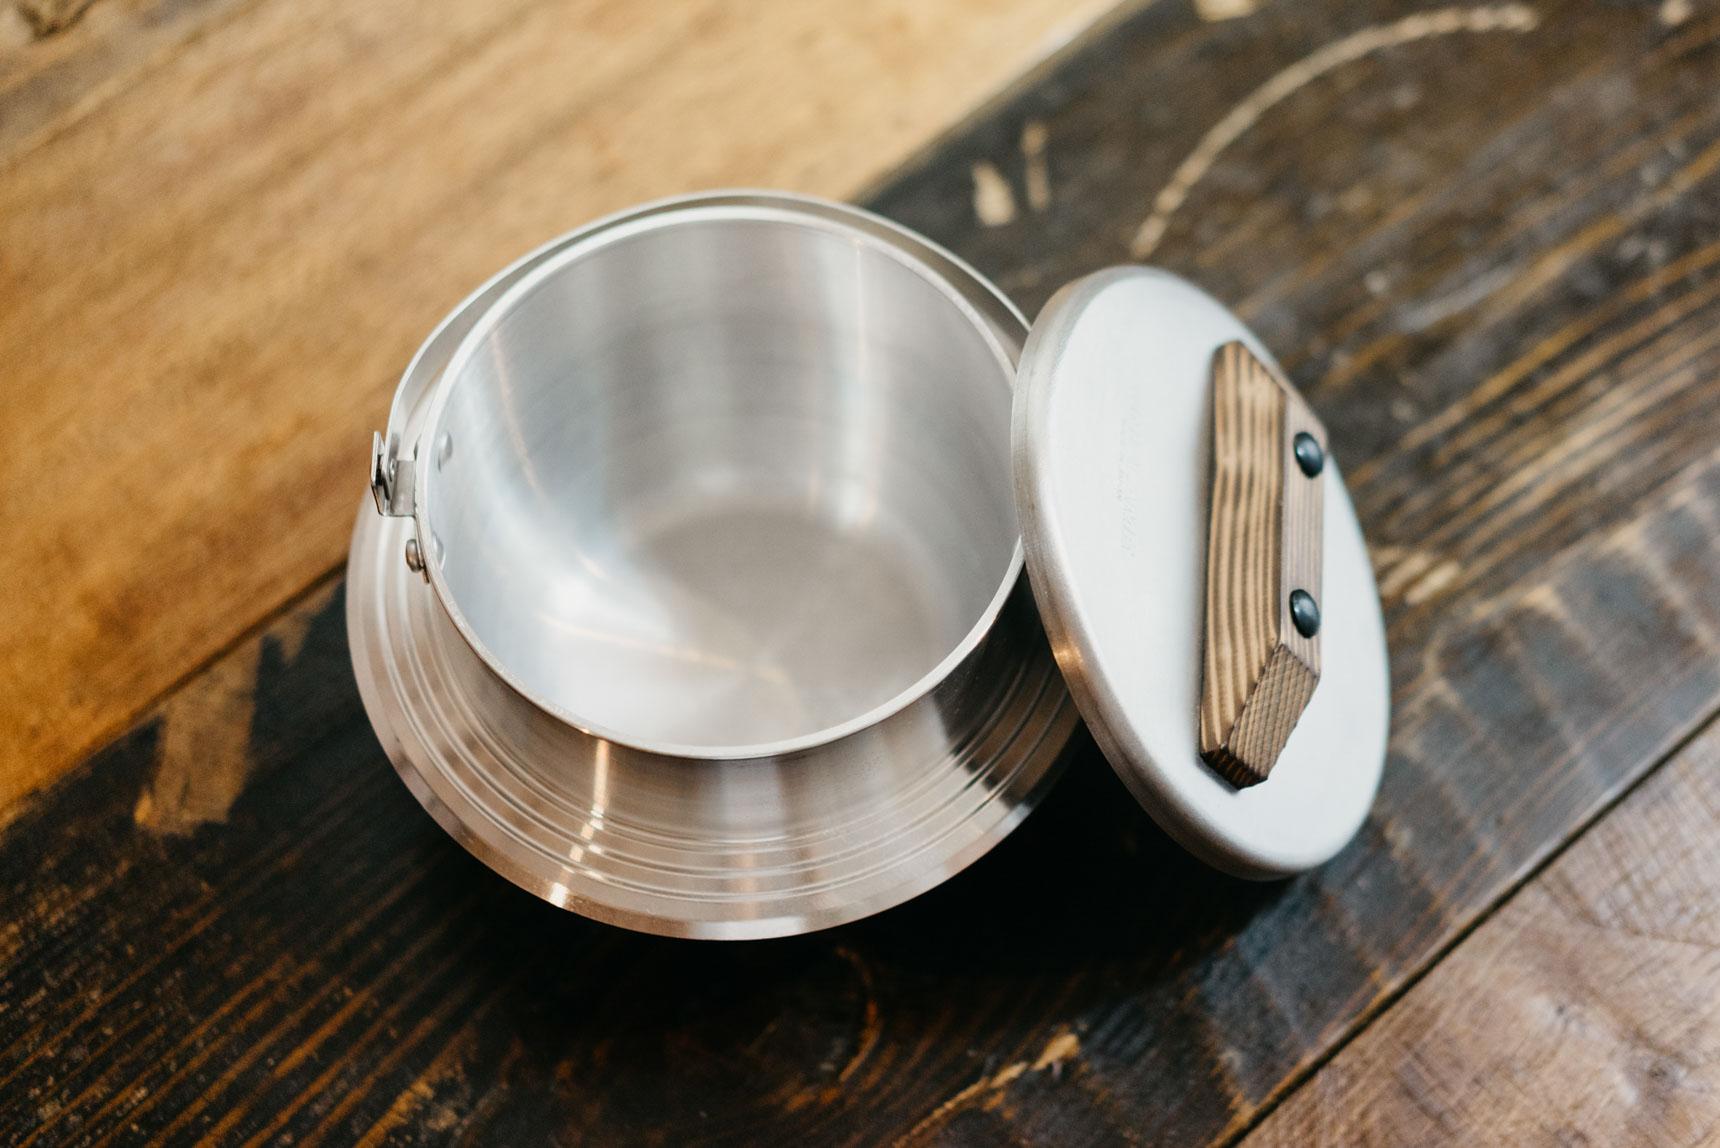 3合まで炊けて、1号ずつ水を入れる目盛りがついているのも良いところ。